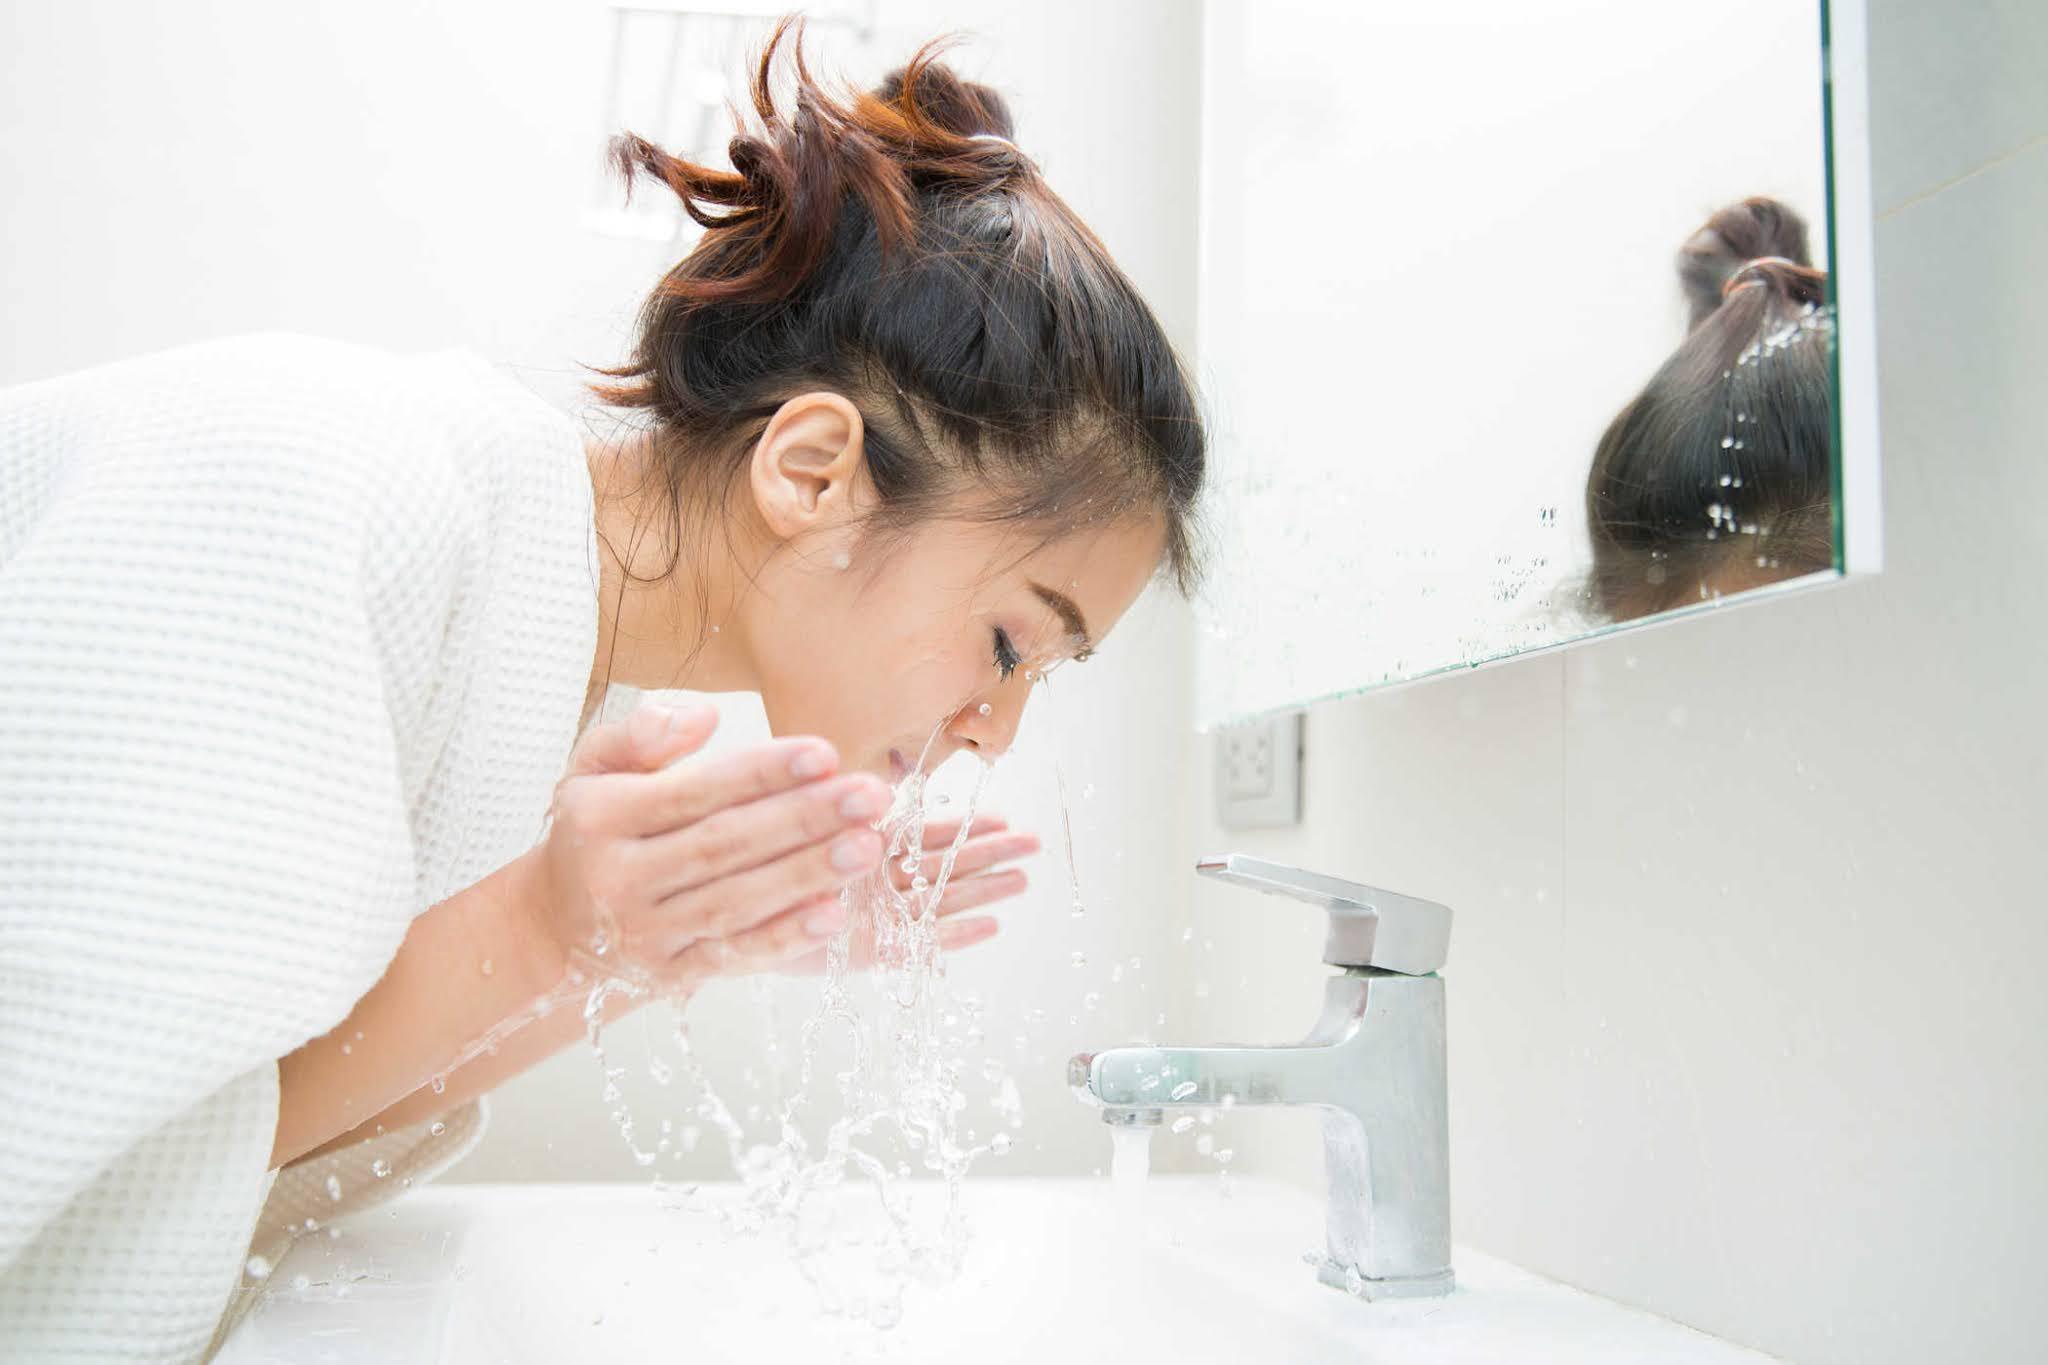 Mỗi ngày chỉ nên rửa mặt tối đa 2 lần/ngày.